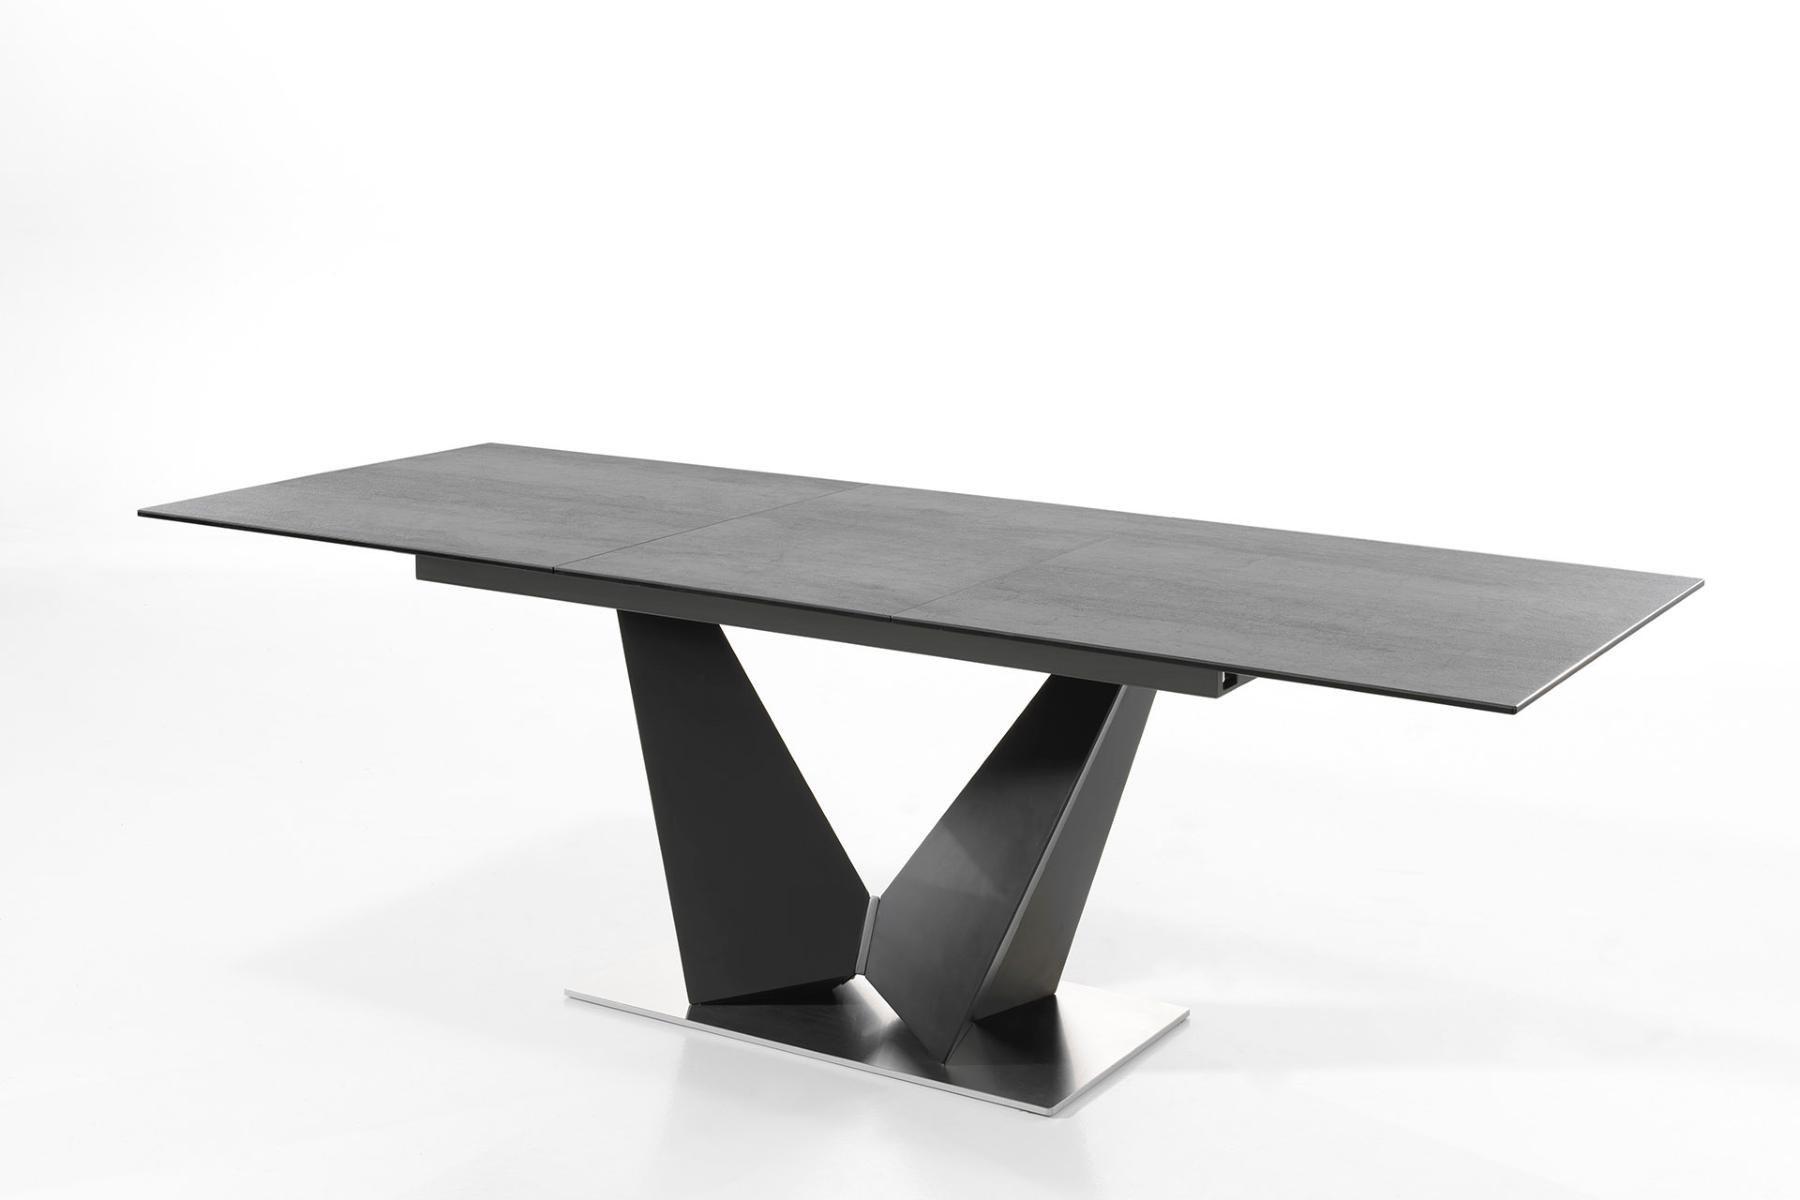 TABLE FORCE B CERAMIQUE